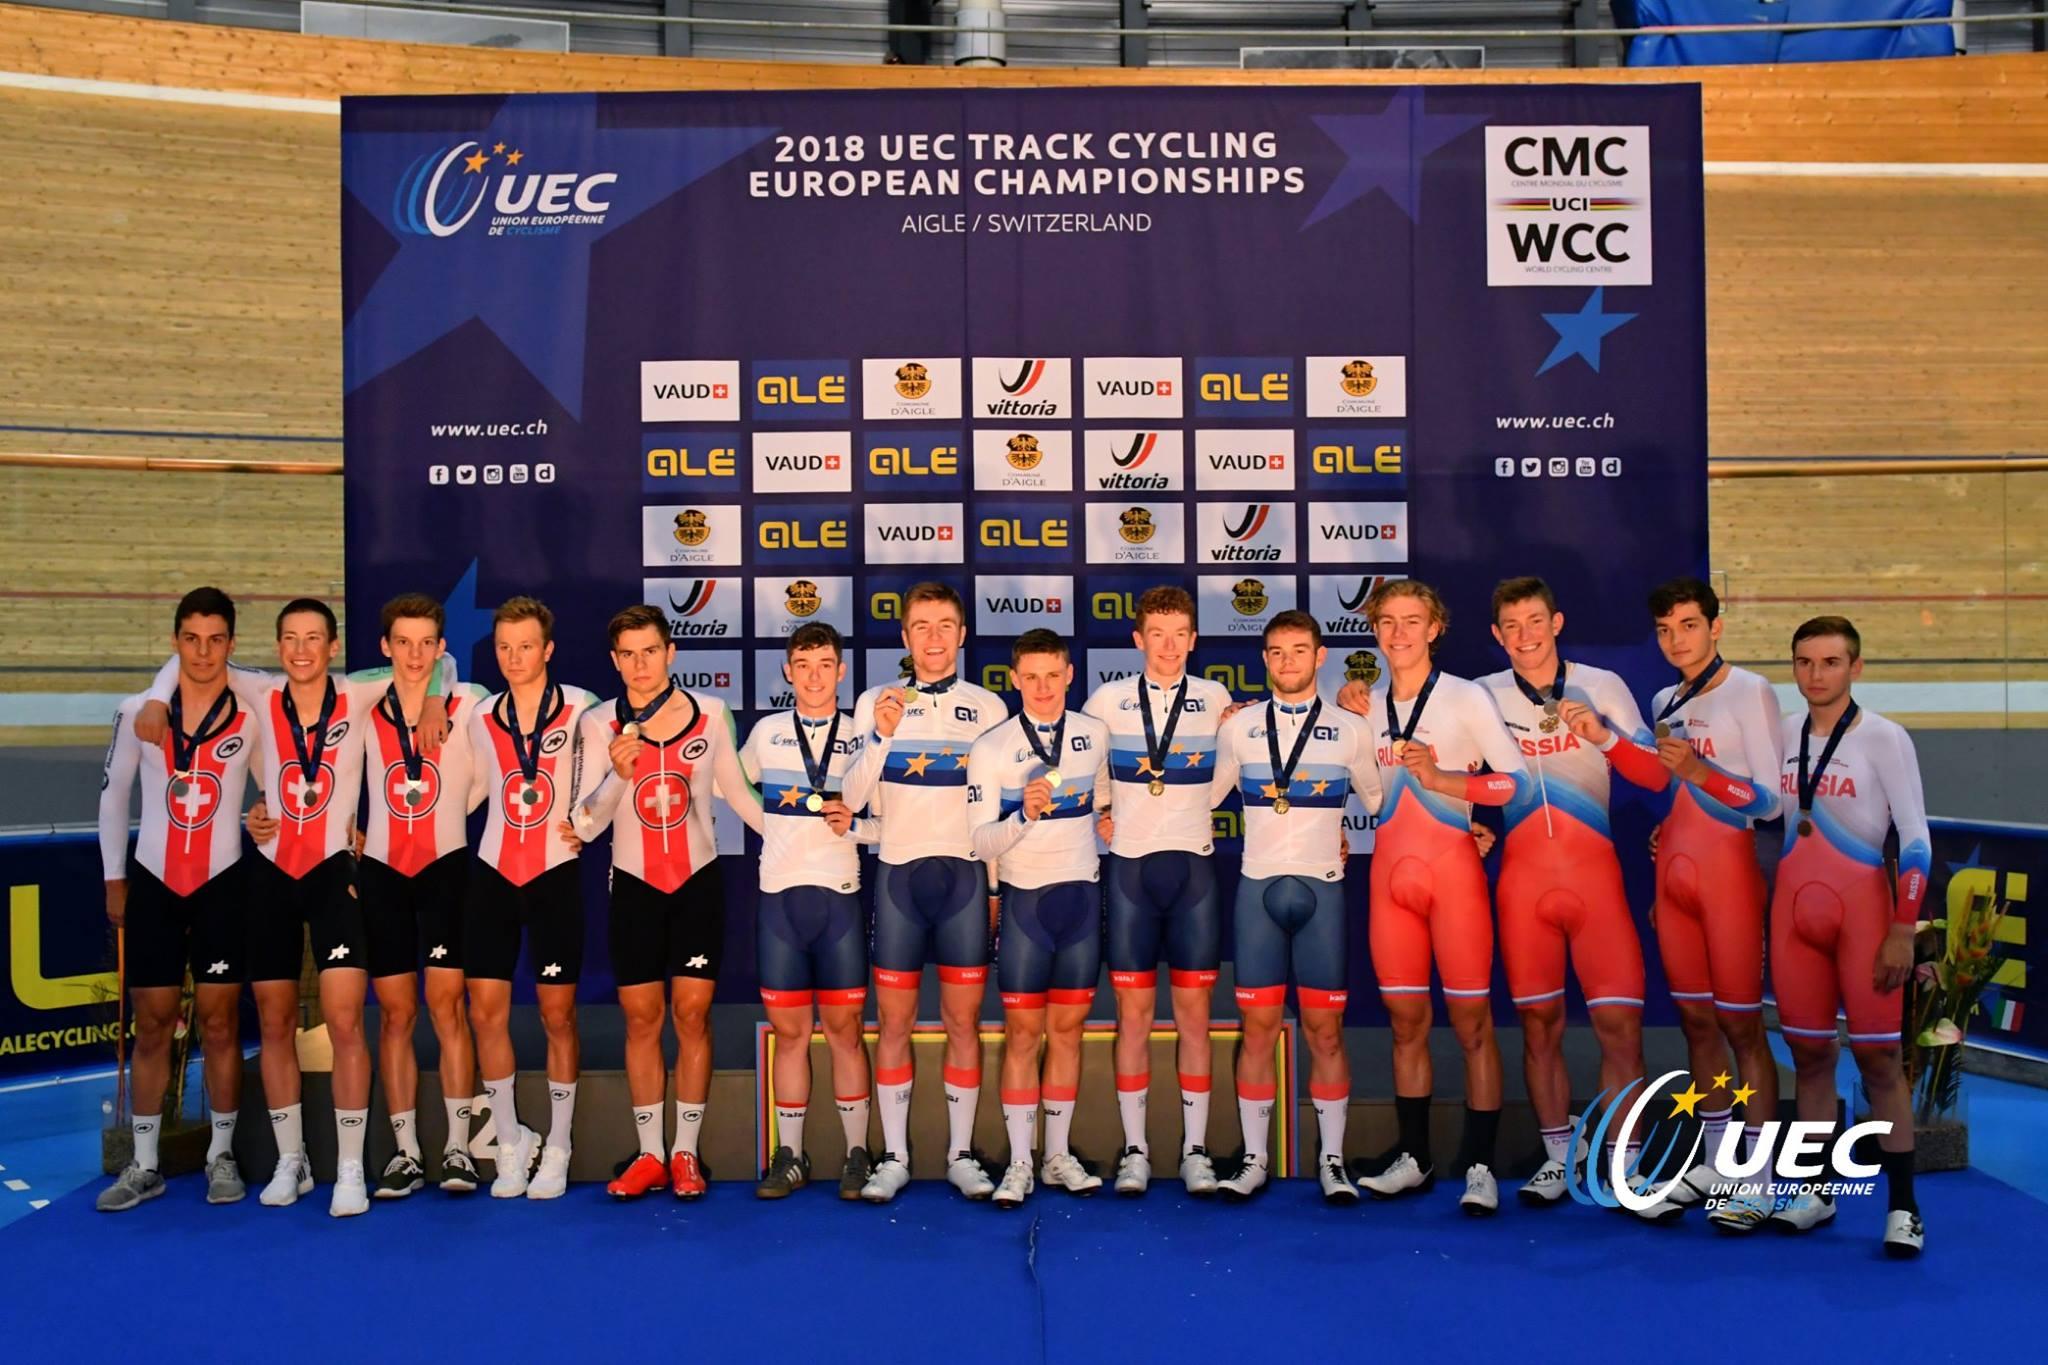 Il podio dei Campionati Europei Inseguimento a squadre Under 23